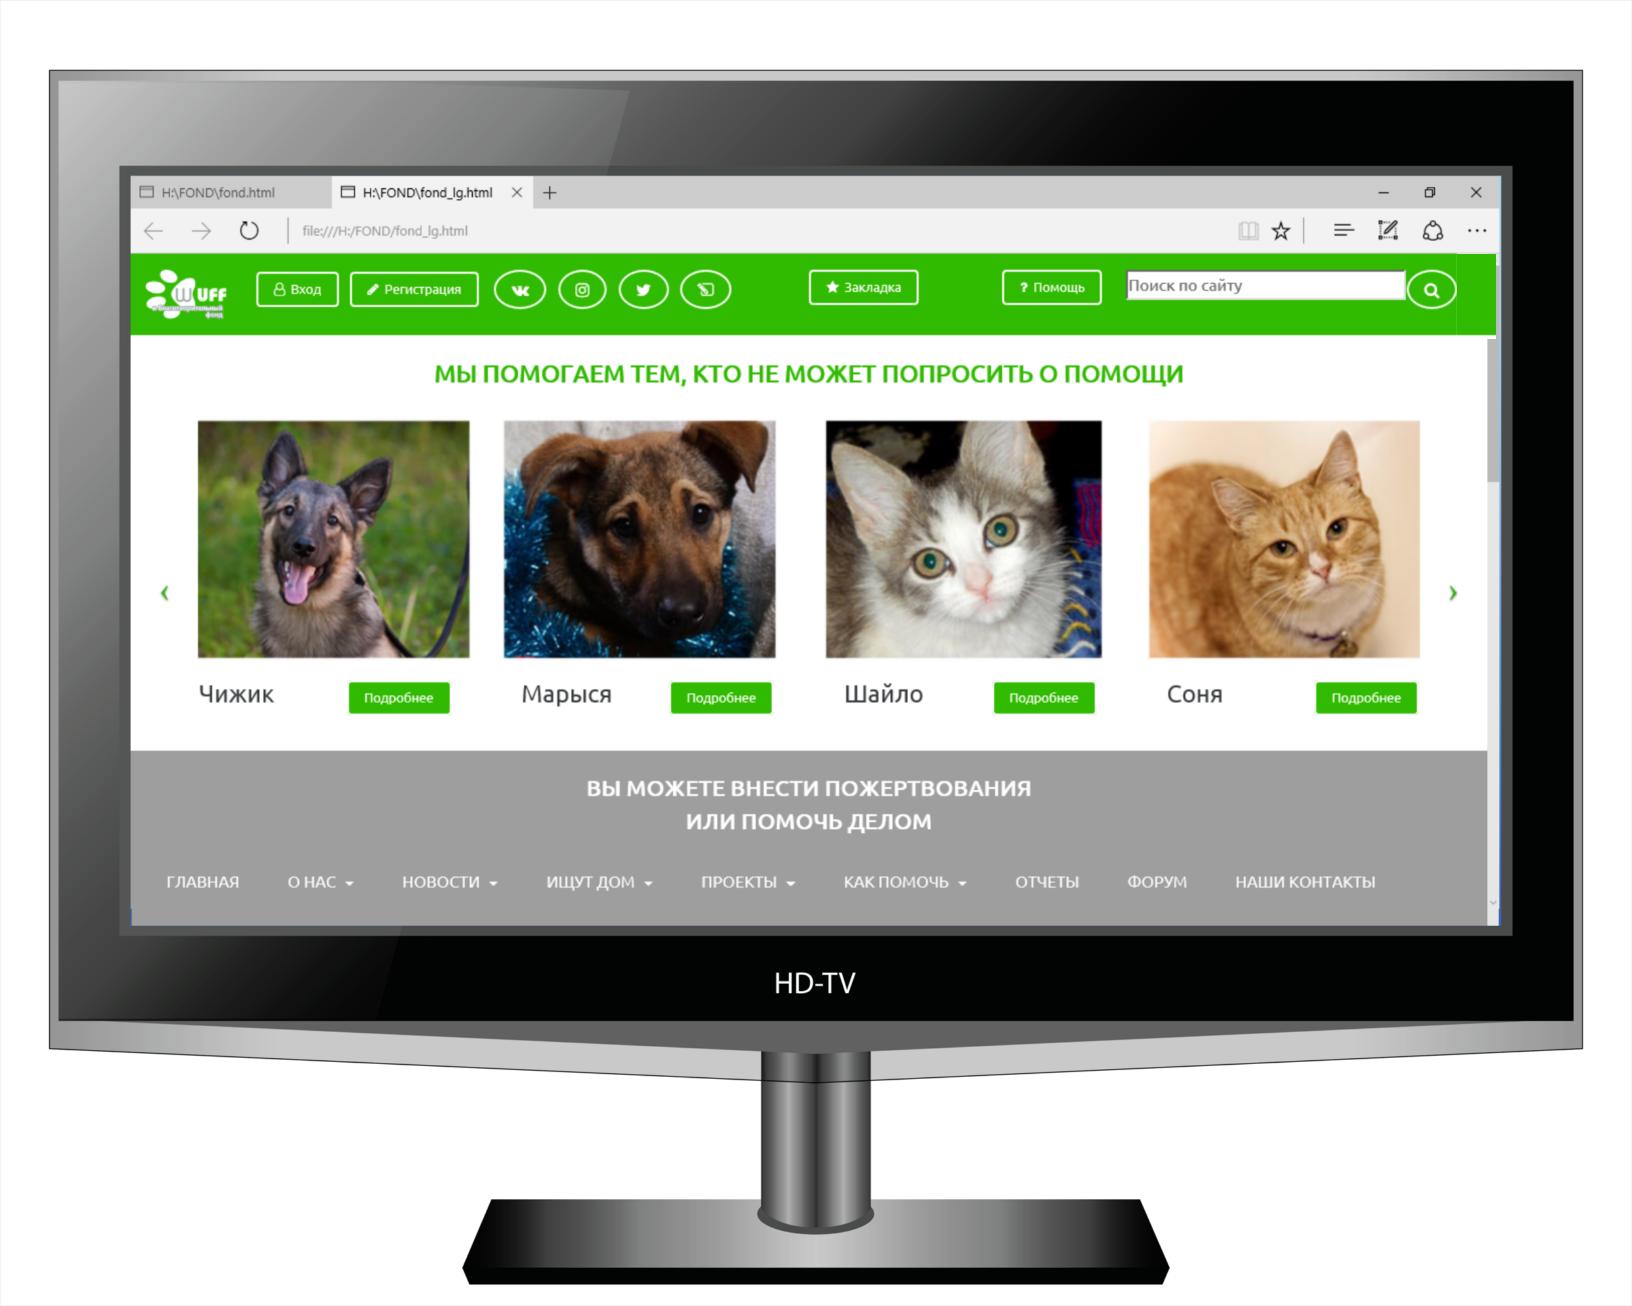 Требуется разработать дизайн сайта помощи бездомным животным фото f_3645880a62415421.png